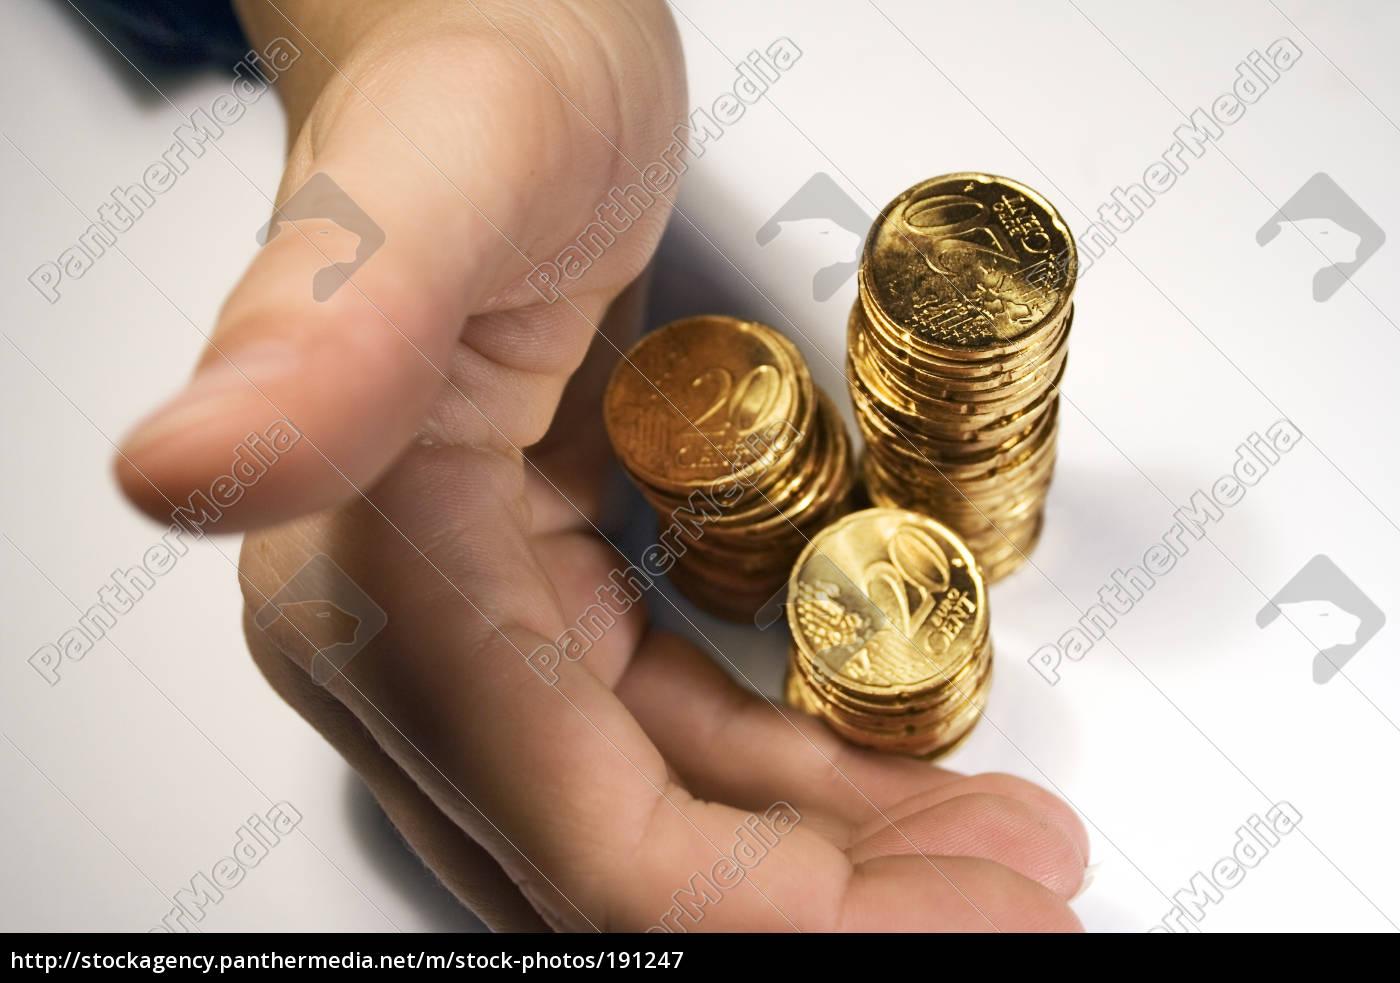 take, i-a, money - 191247